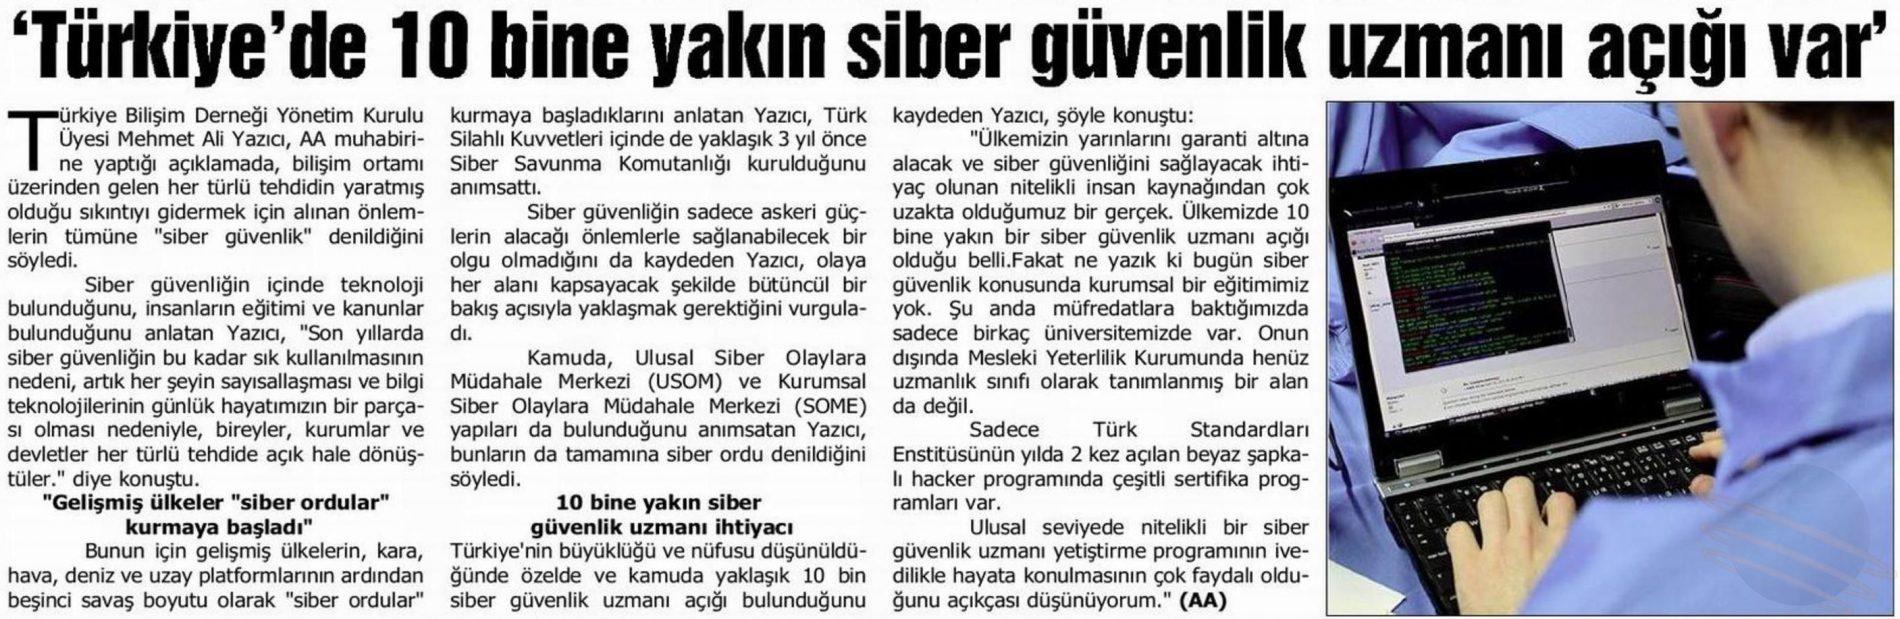 Türkiye'de 10 Bine Yakın Siber Güvenlik Uzmanı Açığı Var – AA